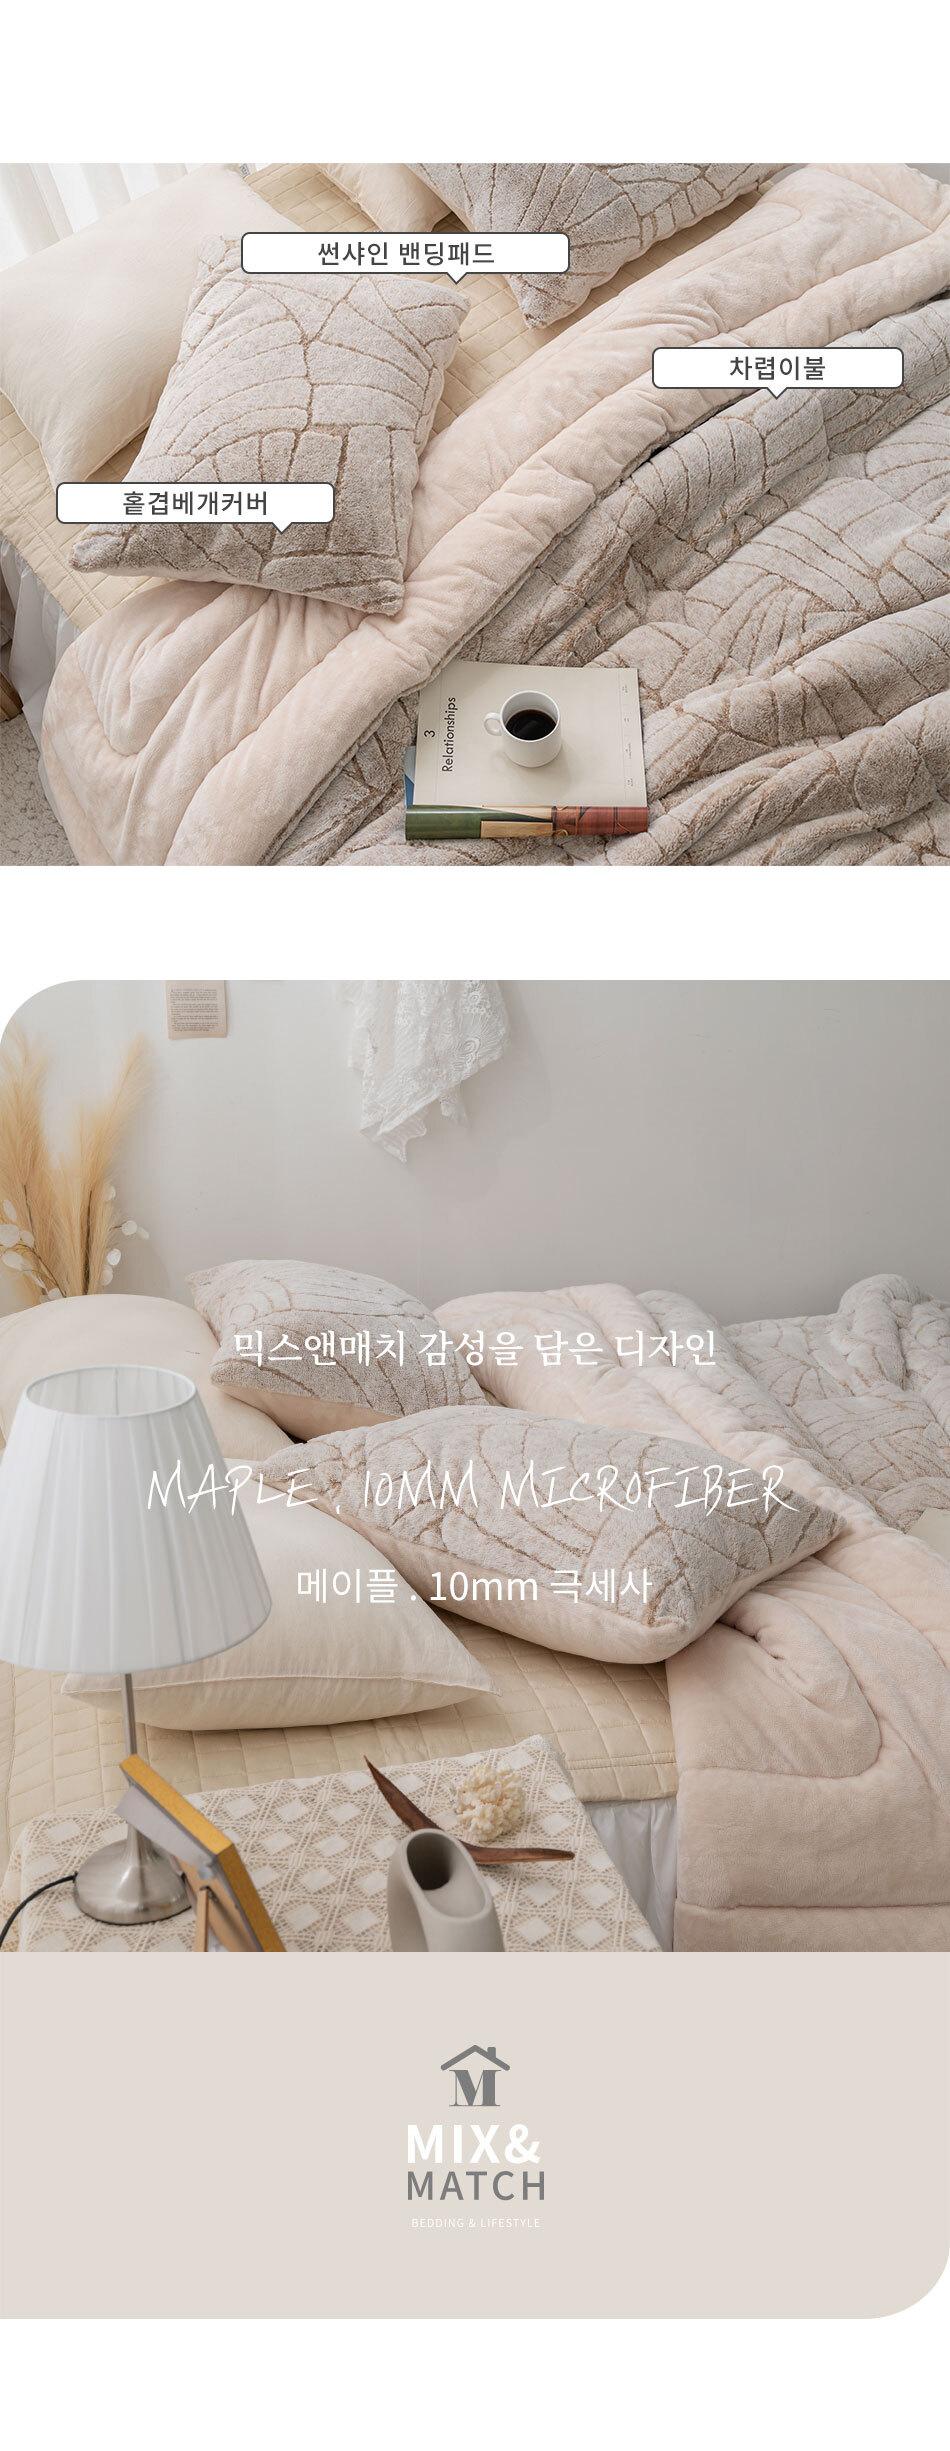 maple_bed_bottom.jpg